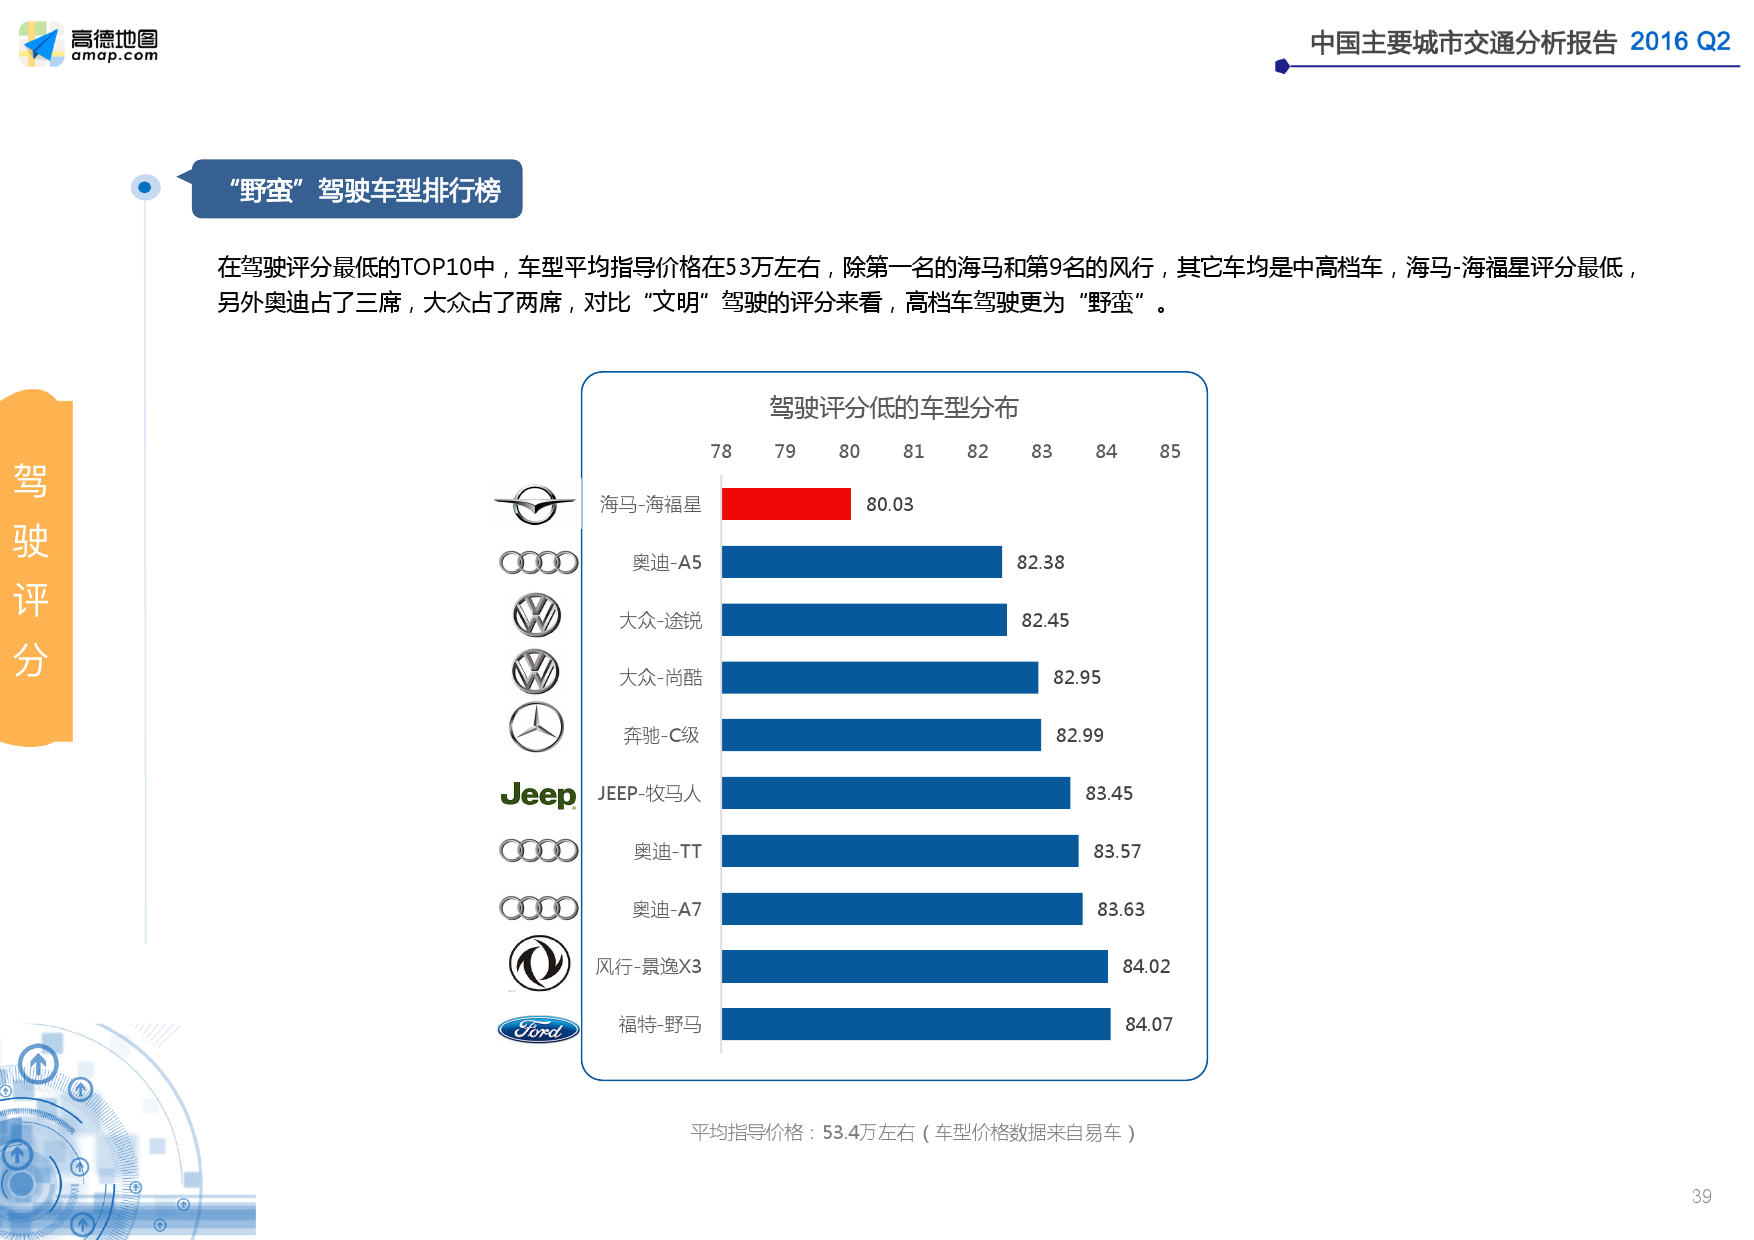 2016年Q2中国主要城市交通分析报告_000039